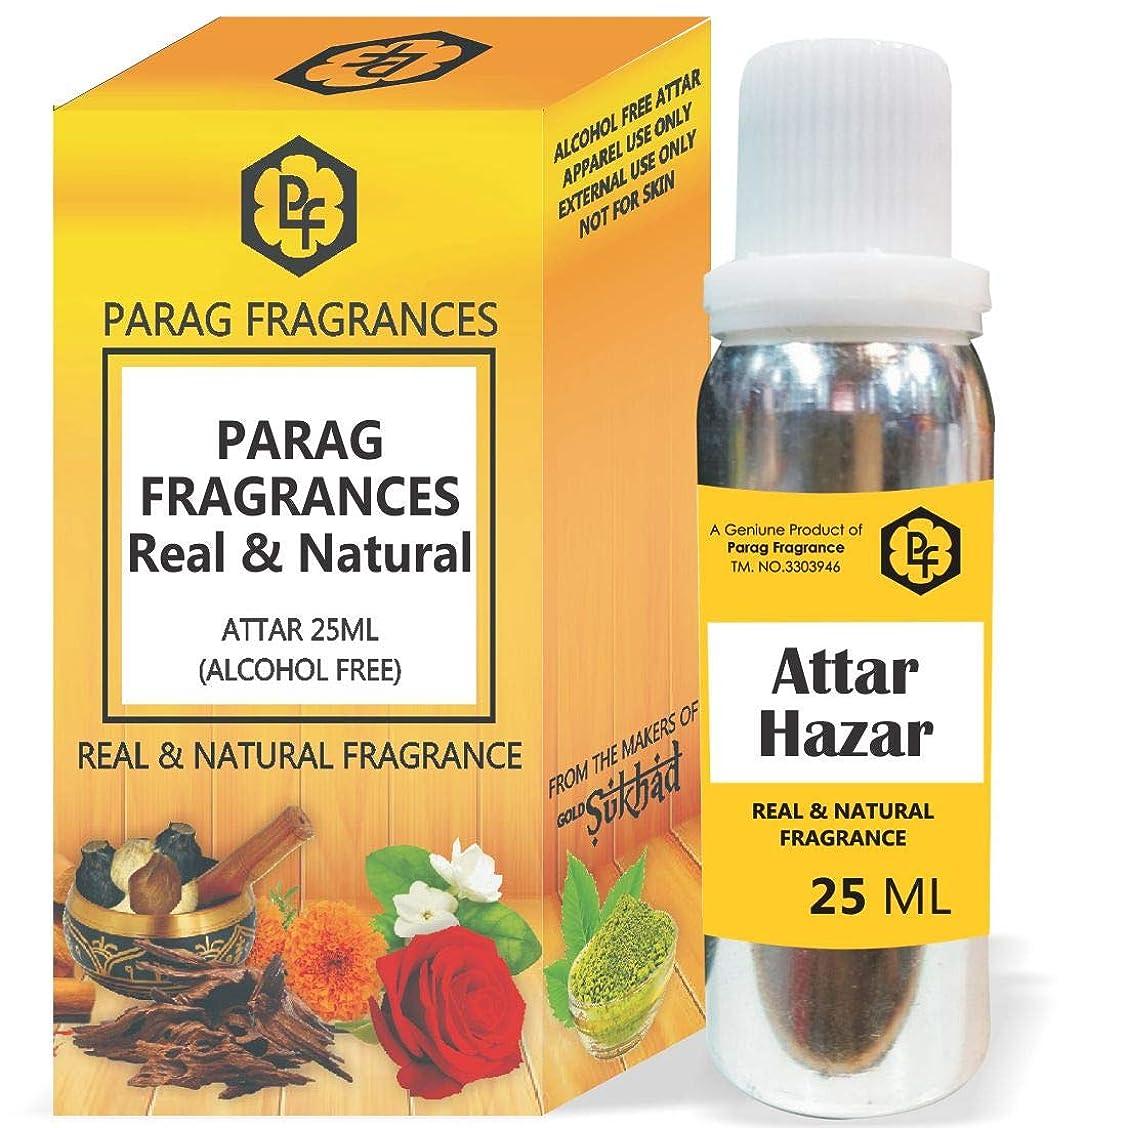 アナロジー細分化する以来50/100/200/500パック内の他のエディションファンシー空き瓶(アルコールフリー、ロングラスティング、自然アター)でParagフレグランス25ミリリットルアターハザルアター